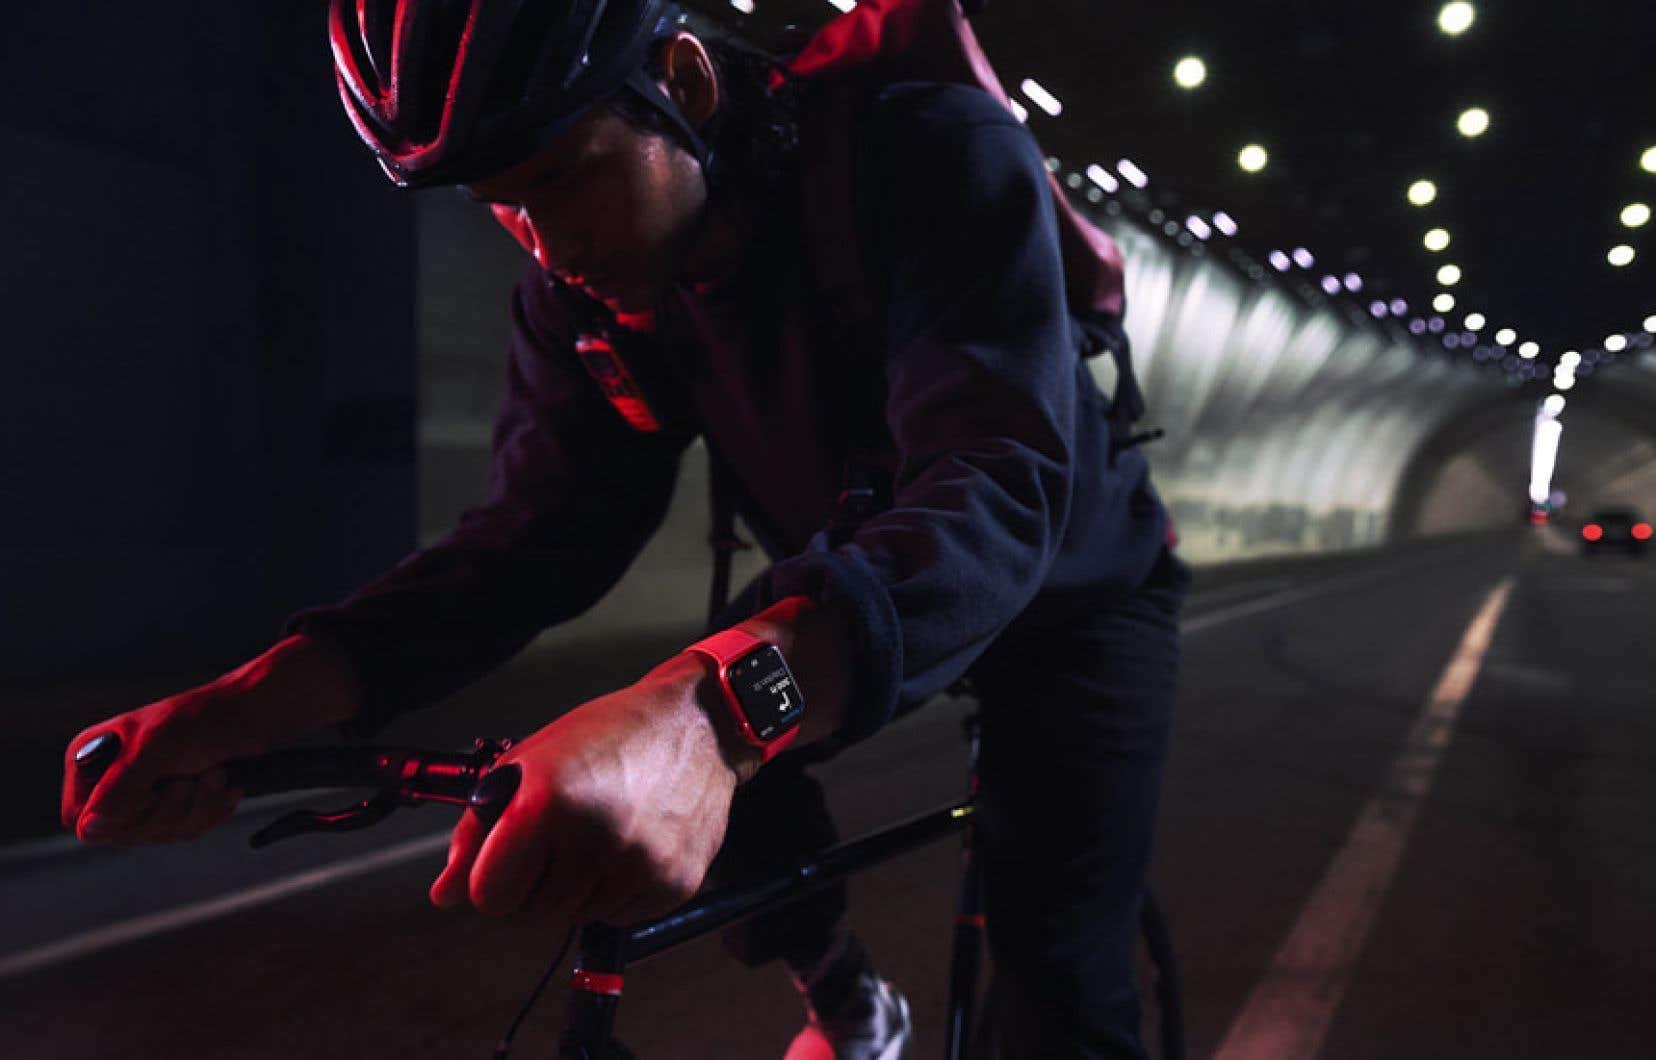 L'Apple Watch détecte quand son porteur enfourche son vélo.